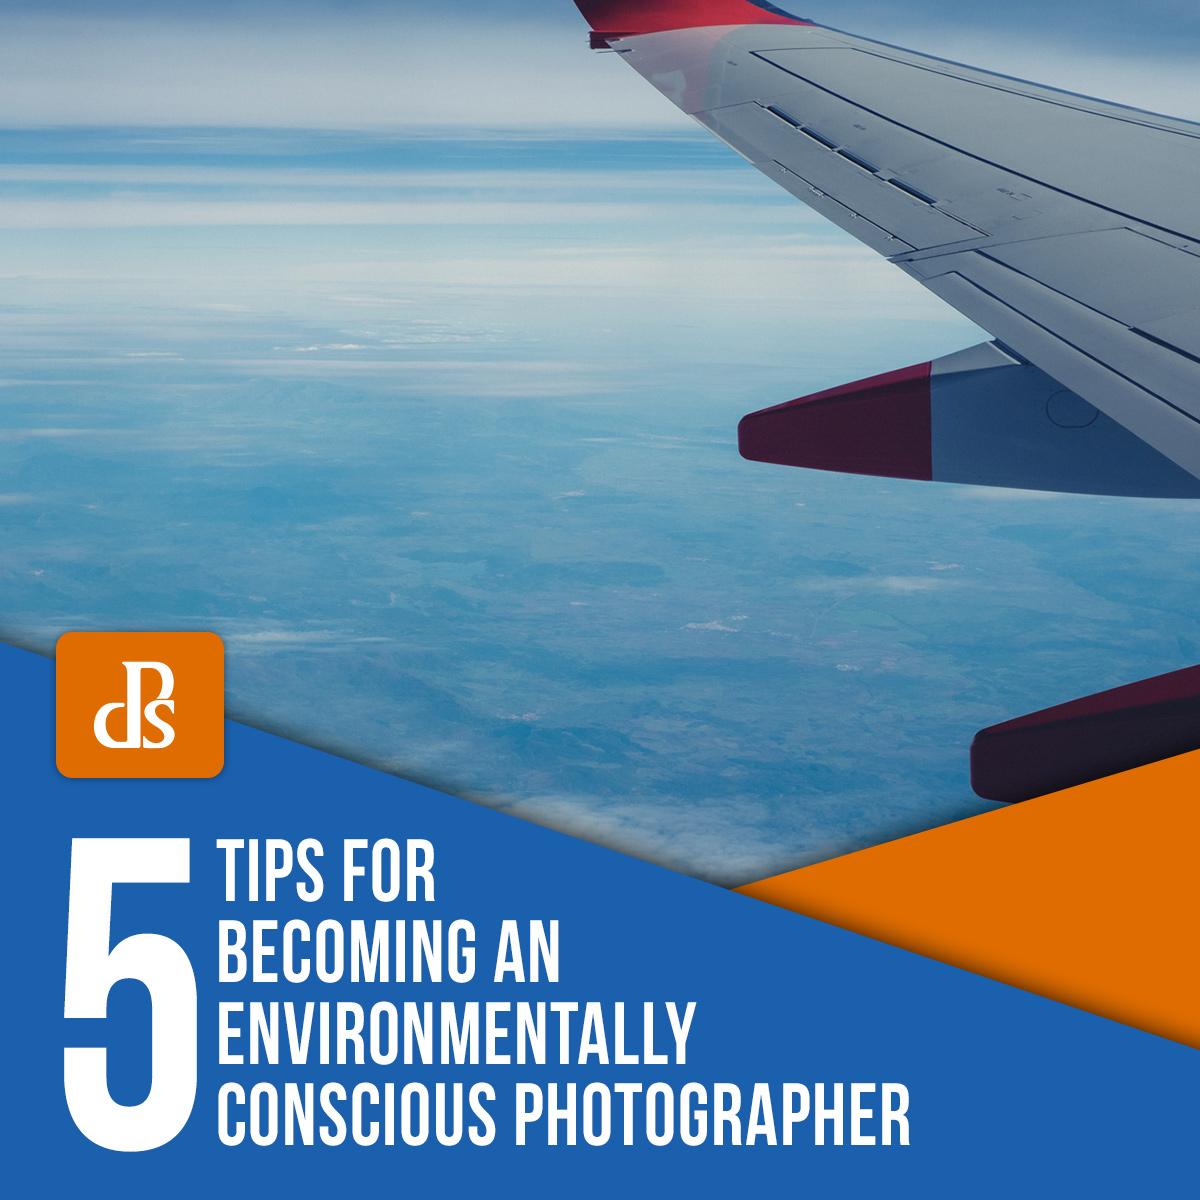 environmentally-conscious-photographer-tips